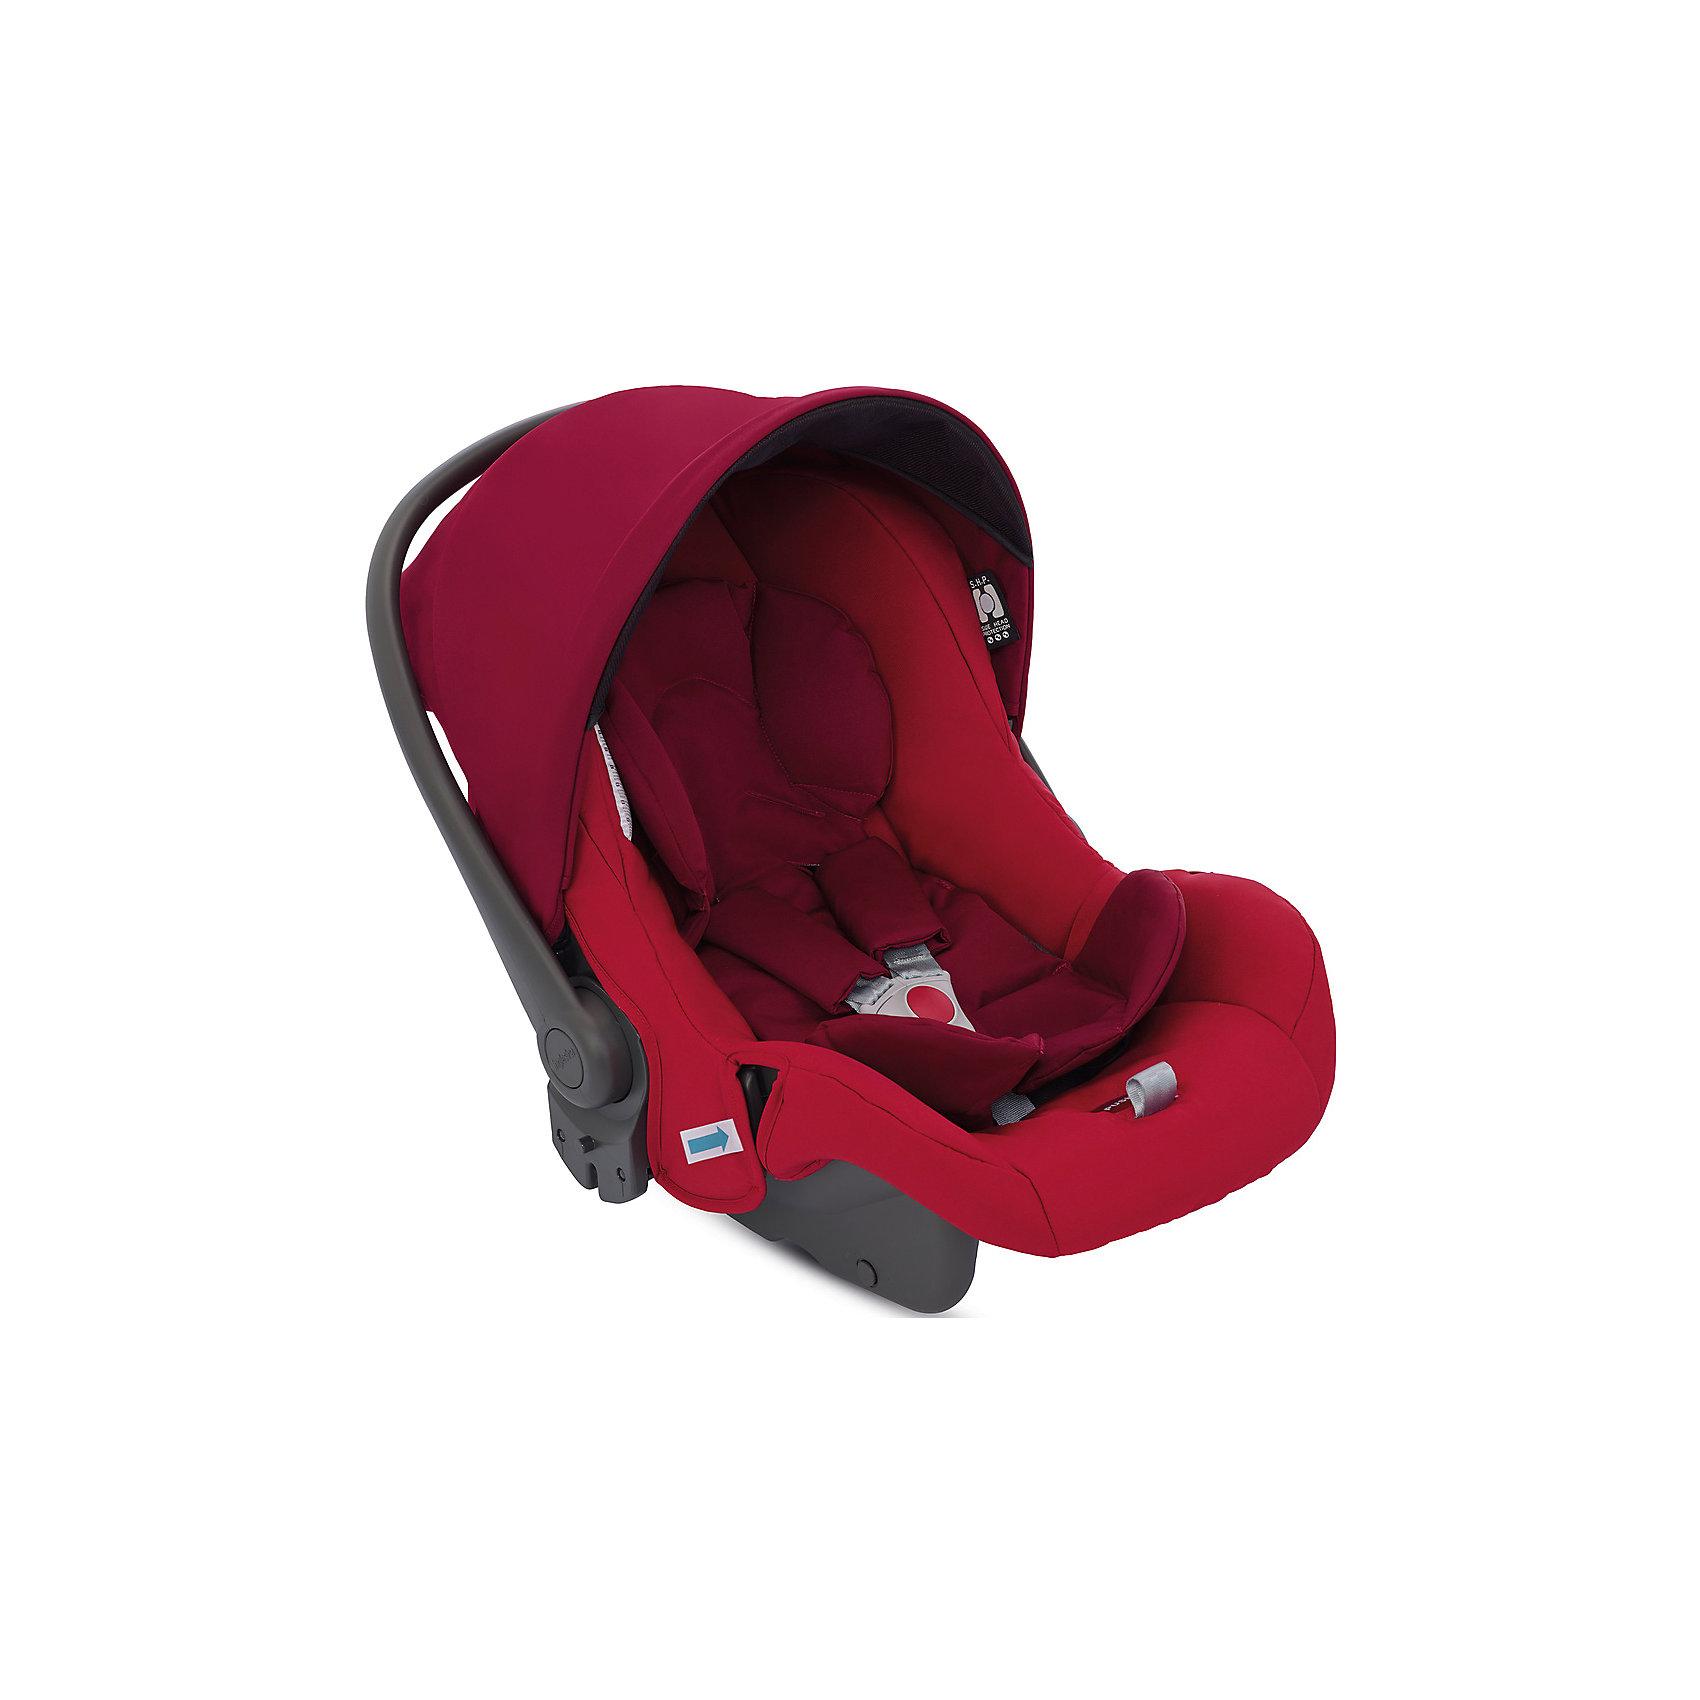 Автокресло Huggy MULTIFIX 0-13 кг., Inglesina, AmarenaАвтокресло Huggy MULTIFIX обеспечит малышам комфорт и безопасность во время поездок на автомобиле. Кресло обладает регулируемой спинкой, технология Side Head Protection защитит малышей от боковых ударов. Автокресло легко установить в автомобиле с его базой, в обыкновенной комплектации или в комплектации Isofix (покупается отдельно) или без нее. Кресло сочетается с коляской Trilogy, делая детское транспортное средство максимально компактным. Это идеальный вариант для прогулок по людным местам. Благодаря системе Easy Clip, процесс установки автокресла на шасси максимально упрощен.  Мягкий вкладыш и 3-точечные страховочные ремни обеспечат малышам максимальный комфорт и безопасность. Кресло имеет эргономичную ручку для переноски, которая регулируется в 4 положениях. Тканевый чехол легко снимается и стирается при температуре не более 30 градусов в режиме деликатной стирки.<br><br>Дополнительная информация:<br><br>- Материал: текстиль, пластик, металл.<br>- Размер: 68х42х55 см.<br>- Вес: 3,7 кг.<br>- Группа 0+ (до 13 кг).<br>- Устанавливается против хода движения. <br>- Трехточечные ремни безопасности.<br>- Мягкий вкладыш. <br>- Индикаторы правильного крепления кресла.<br>- Фиксация в авто штатными ремнями.<br>- Установка в коляске Trilogy креплением Easy Clip.<br>- Удобная ручка-переноска, регулируемая в 4 положениях.<br>- В комплекте: нескользящий анатомический вкладыш, капюшон.<br><br>Автокресло Huggy MULTIFIX 0-13 кг., Inglesina (Инглезина), Amarena, можно купить в нашем магазине.<br><br>Ширина мм: 440<br>Глубина мм: 385<br>Высота мм: 725<br>Вес г: 3700<br>Цвет: красный<br>Возраст от месяцев: 0<br>Возраст до месяцев: 18<br>Пол: Унисекс<br>Возраст: Детский<br>SKU: 4764246